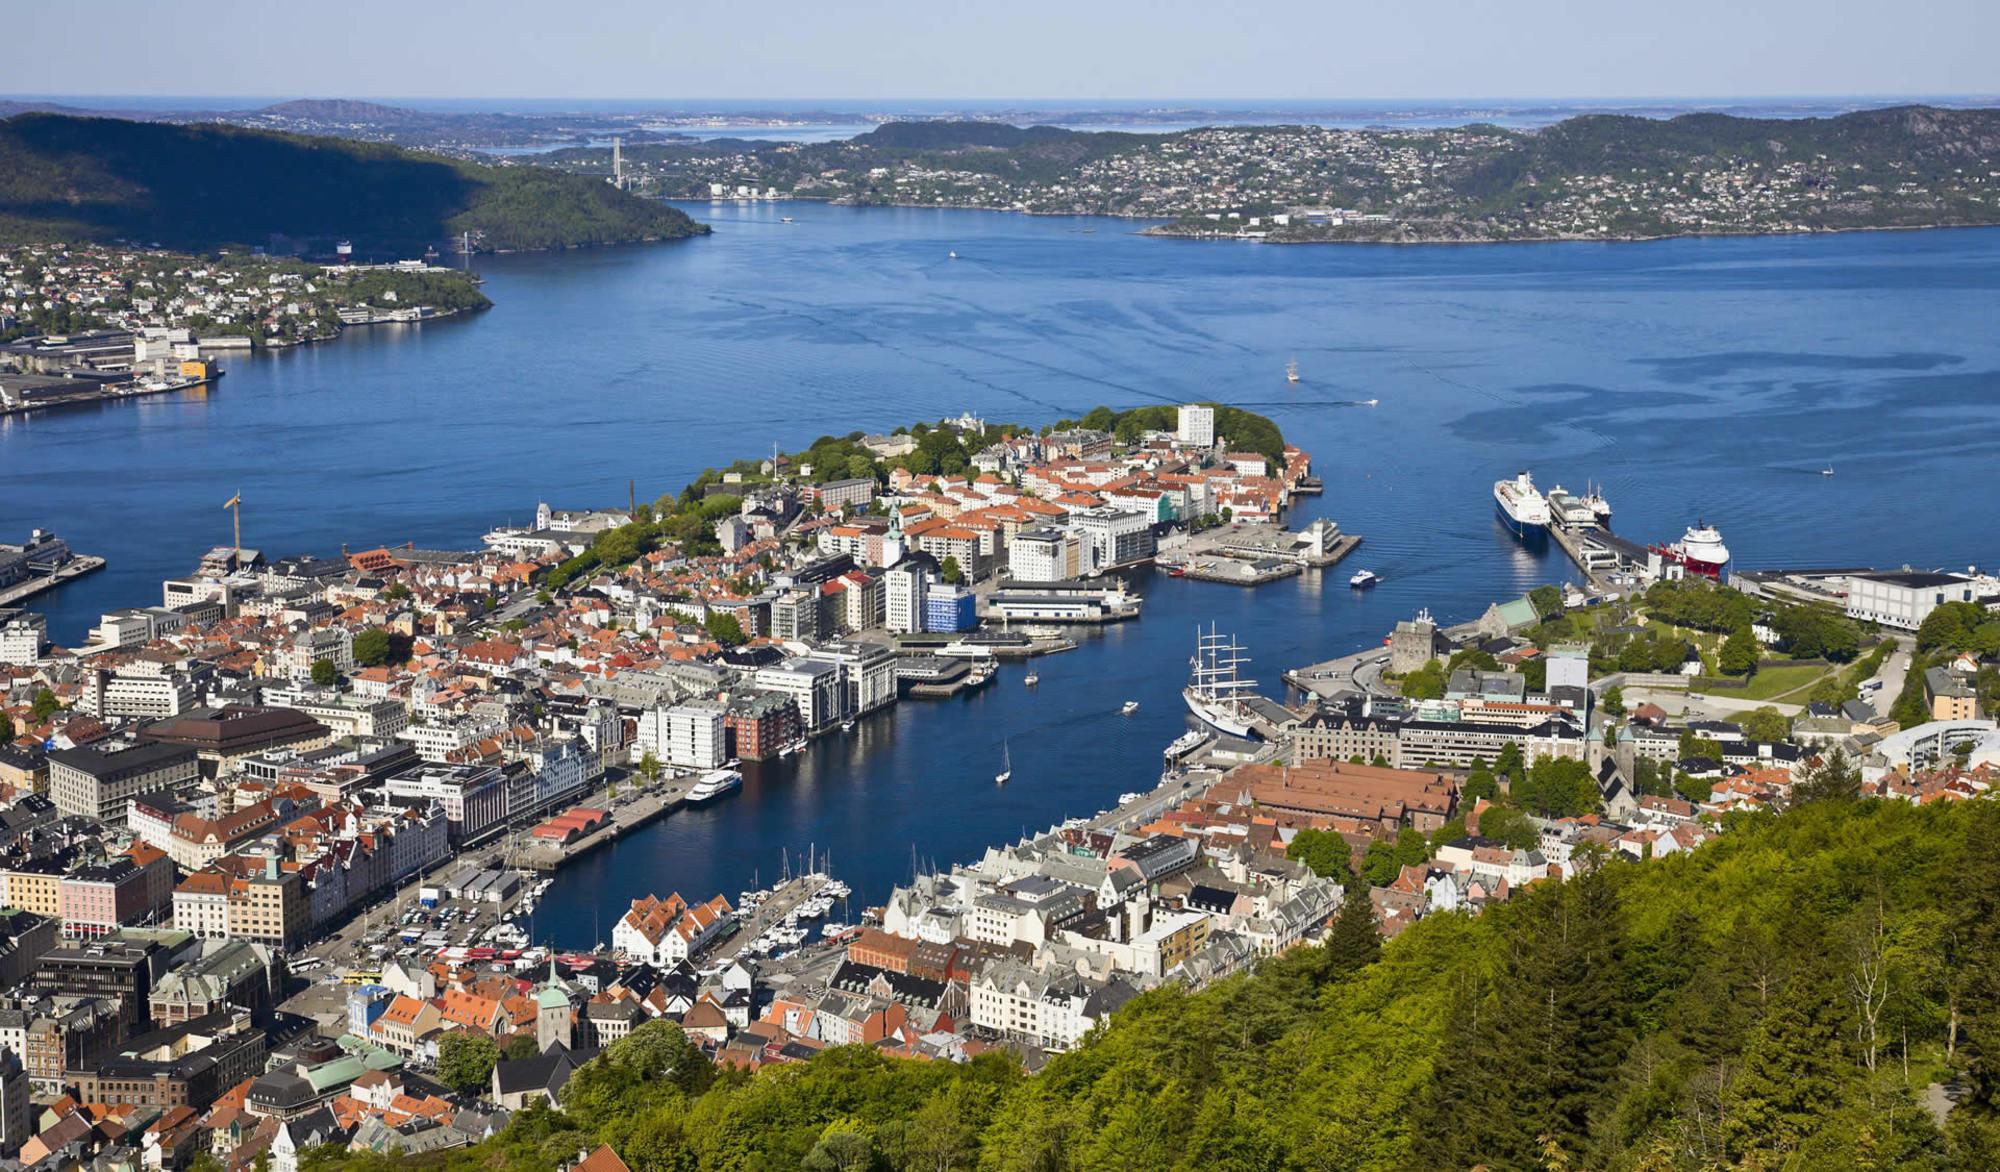 Bestill time hos en anbefalt frisør i Bergen på Fixit.no. Sjekk priser og les kundeomtaler før du bestemmer deg. Rask og enkel timebestilling!